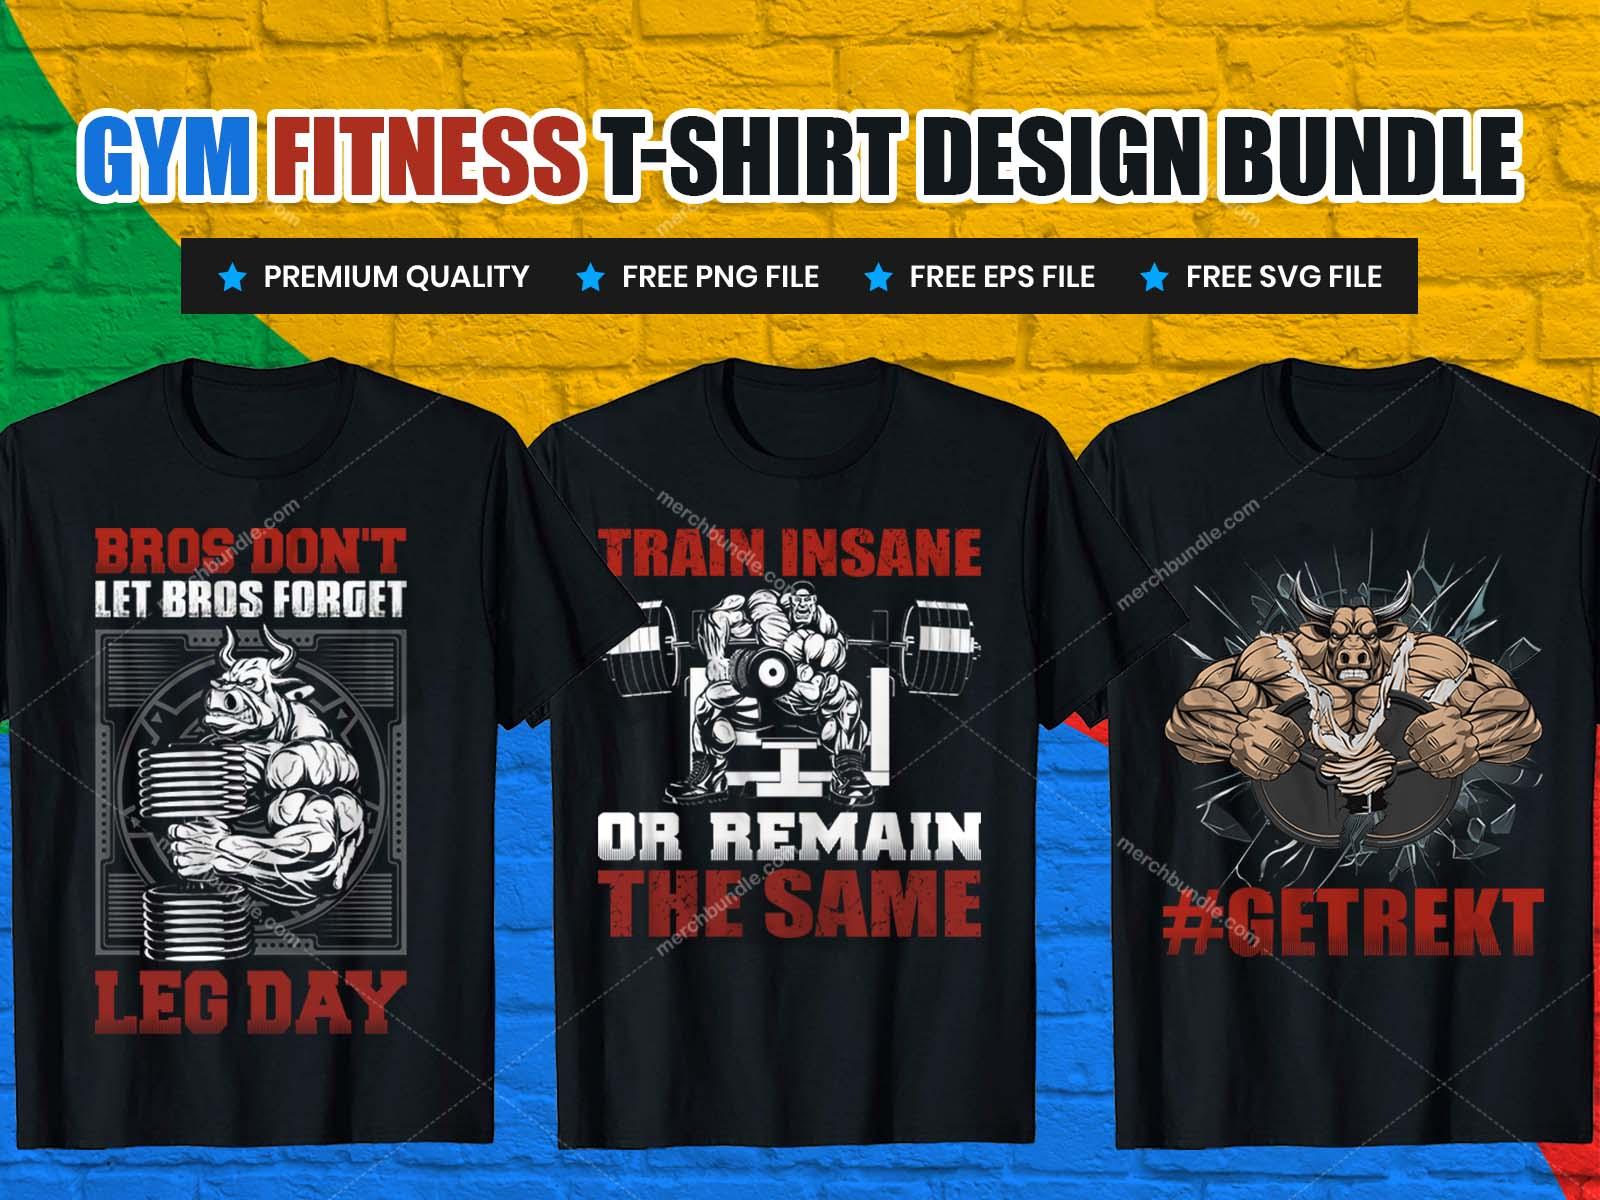 Gym fitness t shirt design